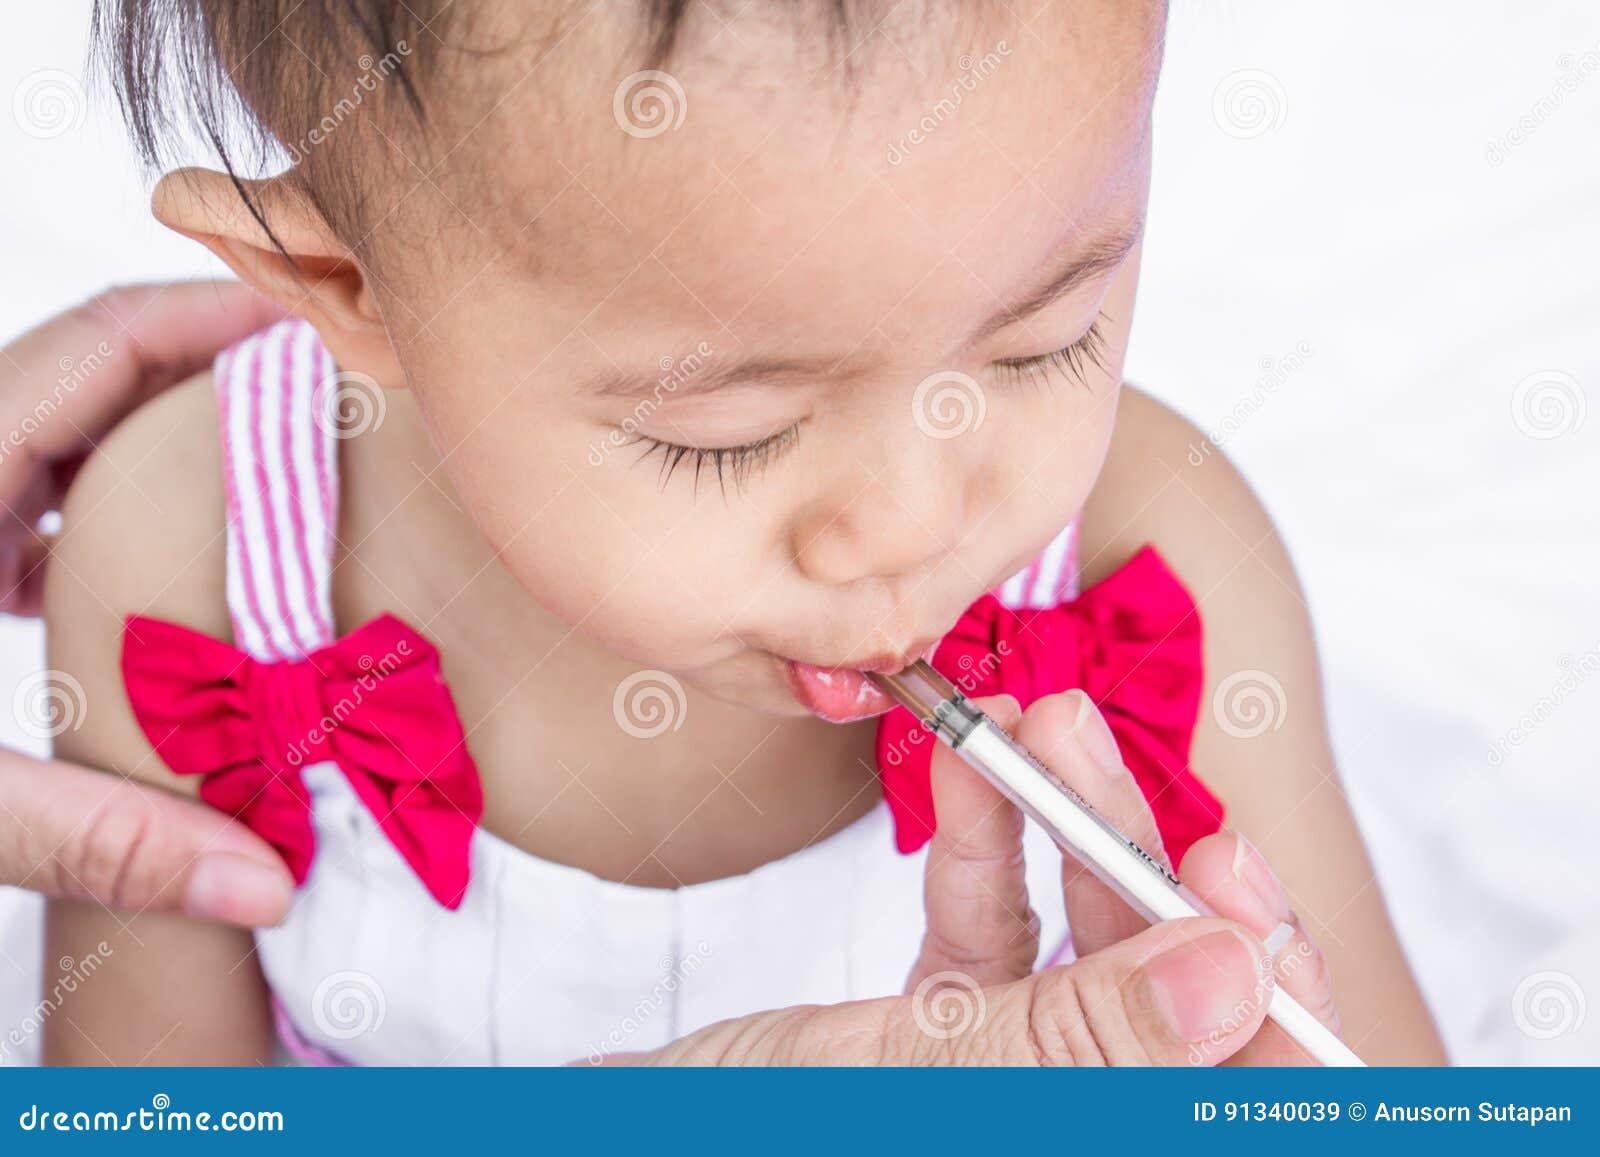 Bébé alimentant avec la médecine liquide avec une seringue